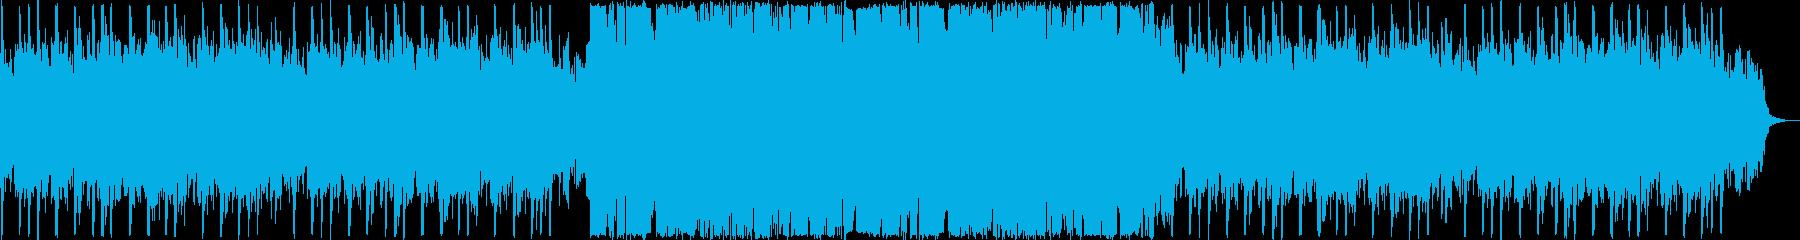 切ないシンセ・ピアノのサウンドの再生済みの波形